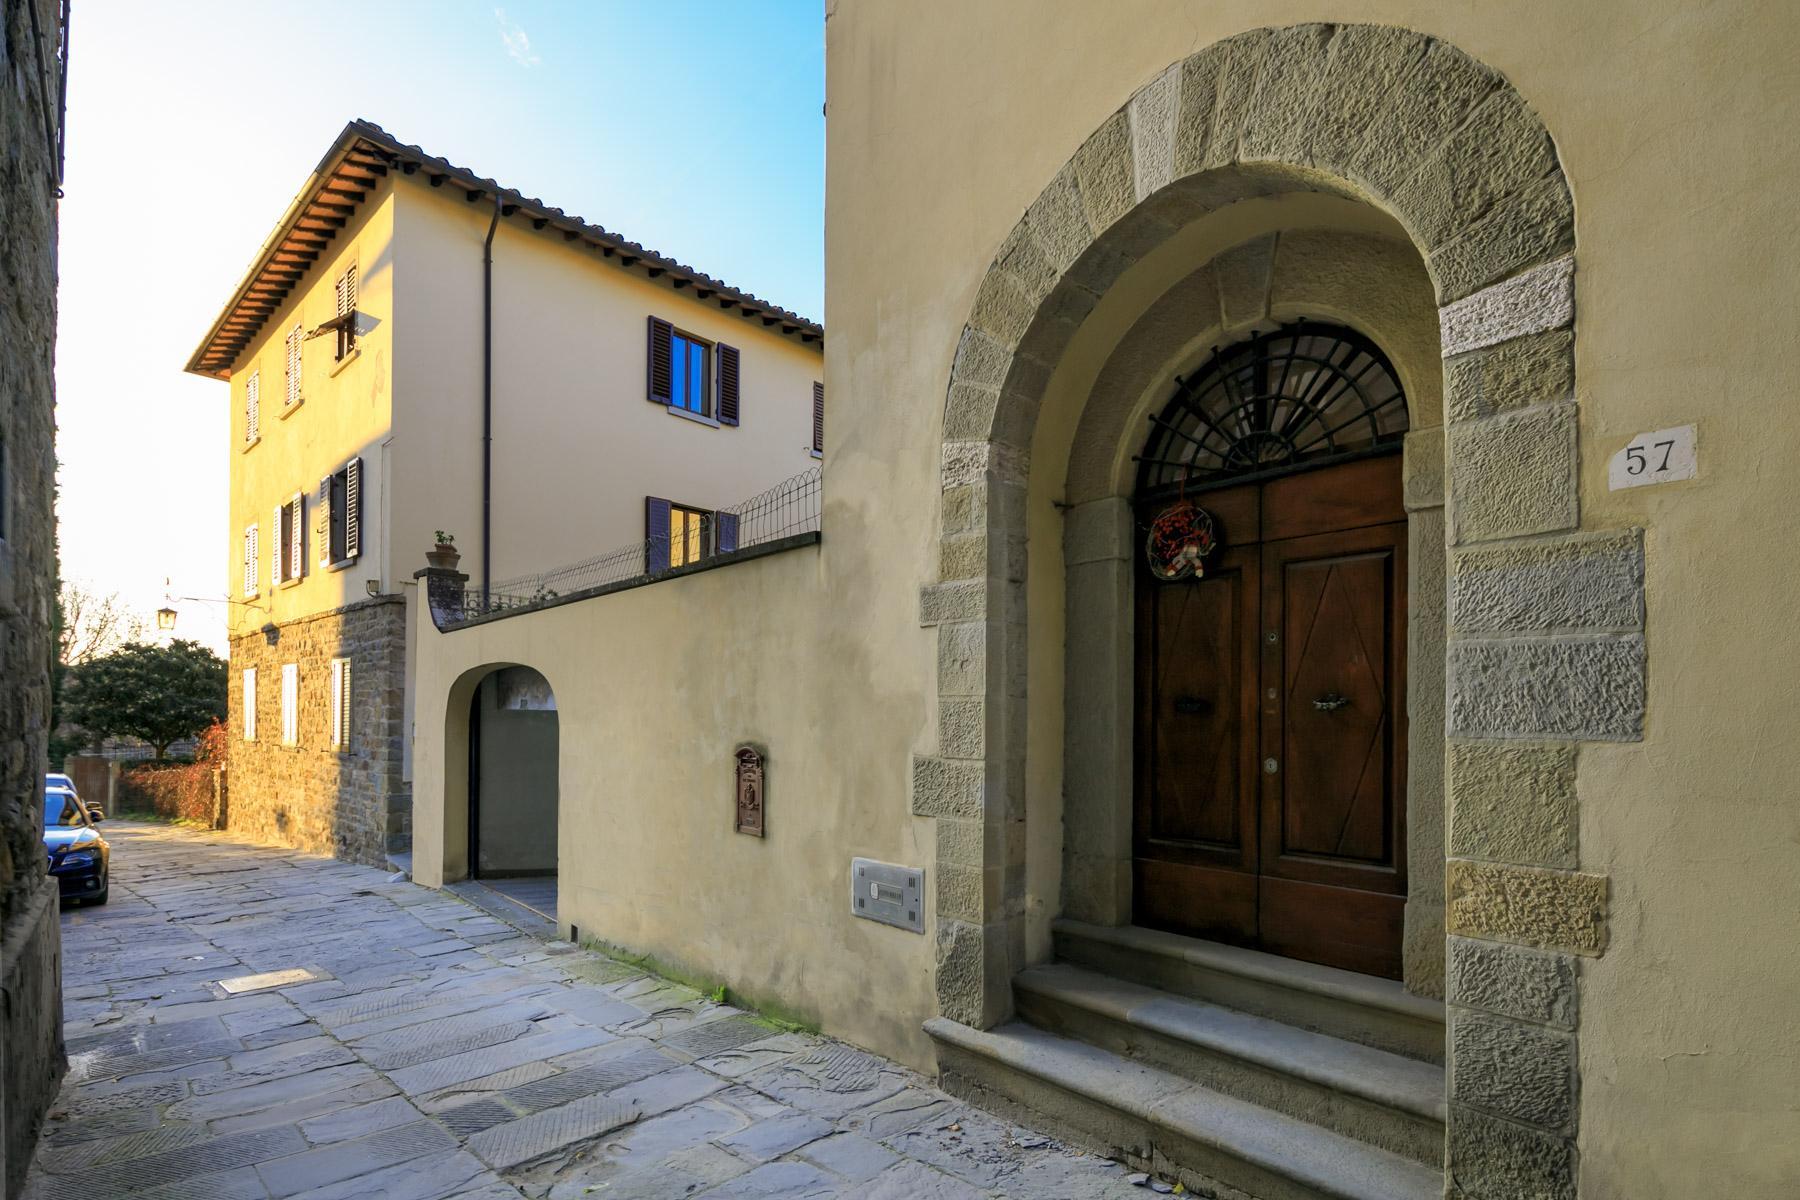 Palazzo Rinascimentale in Vendita a pochi passi da Piazza Grande, Arezzo - 26